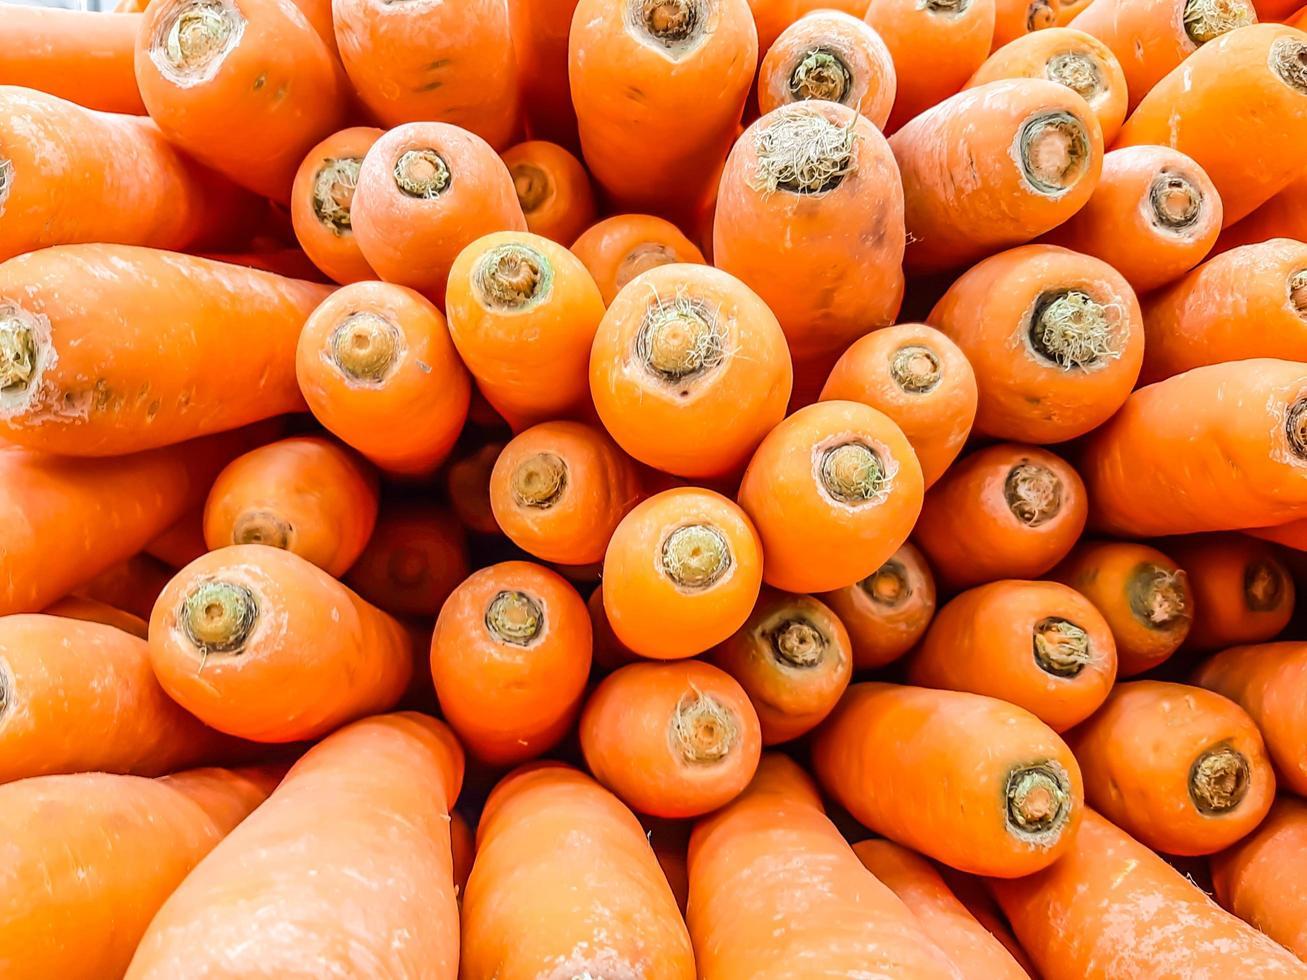 carota biologica. trama di sfondo di grandi carote arancioni fresche, le carote sono buone per la salute, carote mature sane per preparare il pasto foto